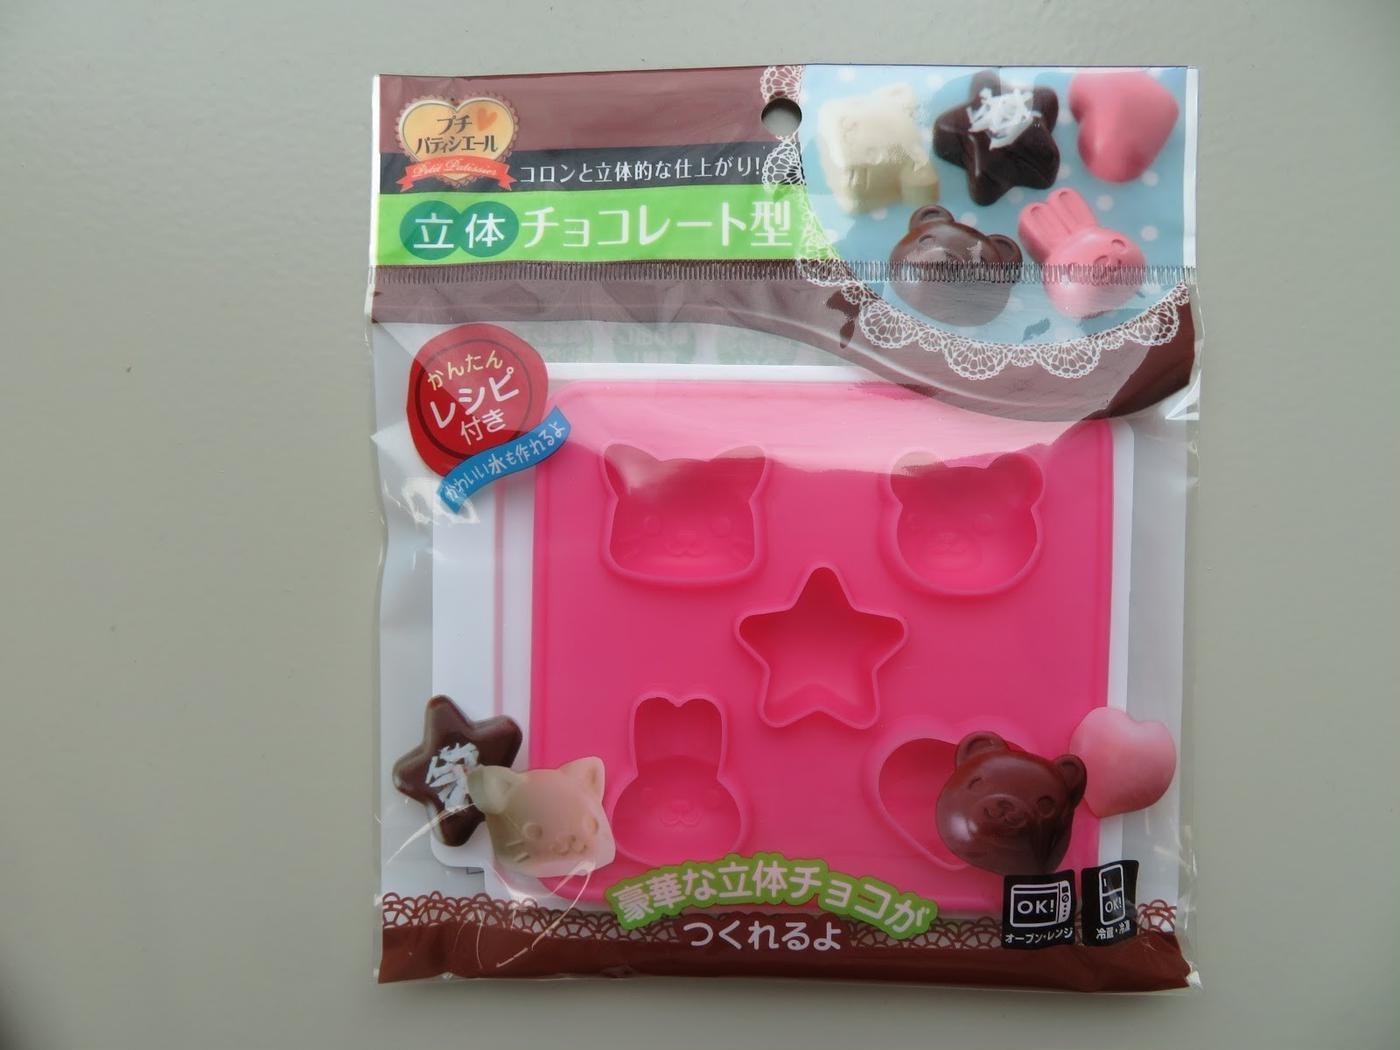 立体チョコレート型